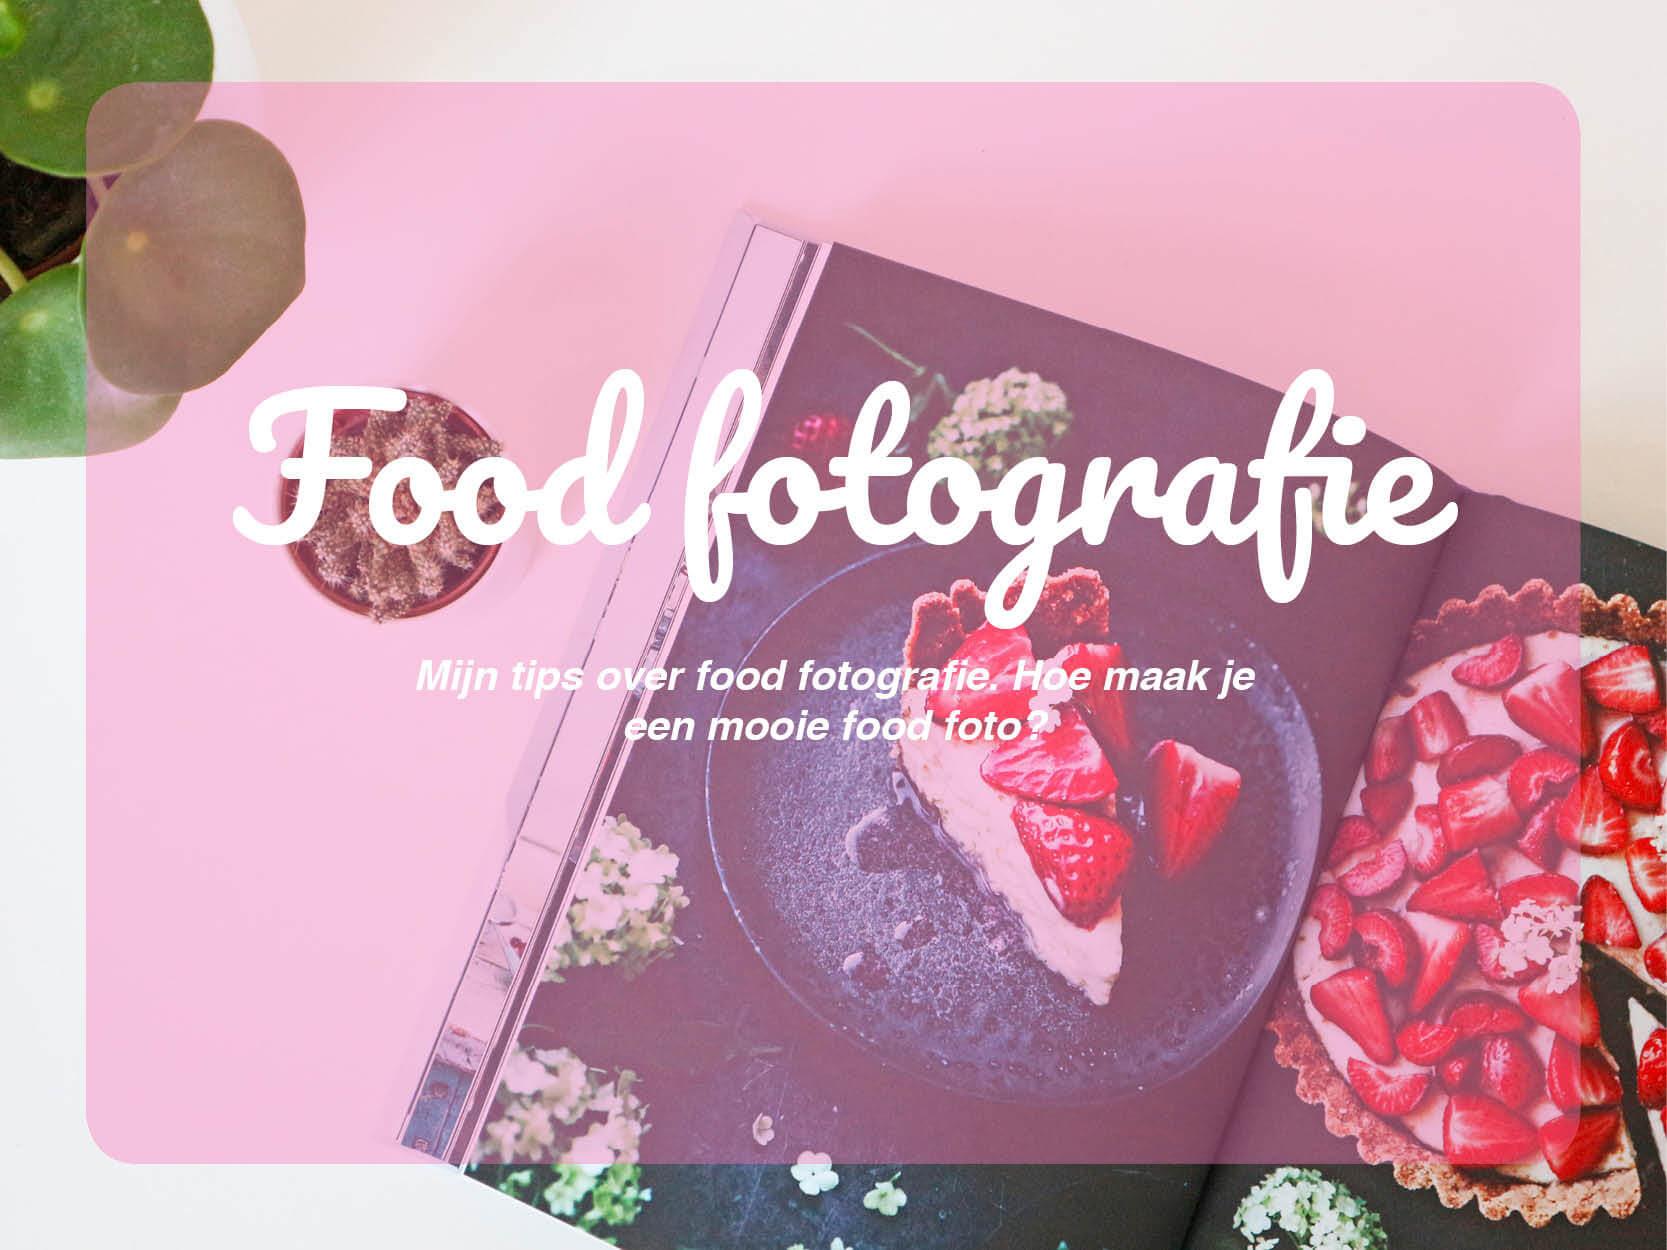 Food Fotografie Hoe Krijg Je Eten Mooi Op De Foto Comfetti